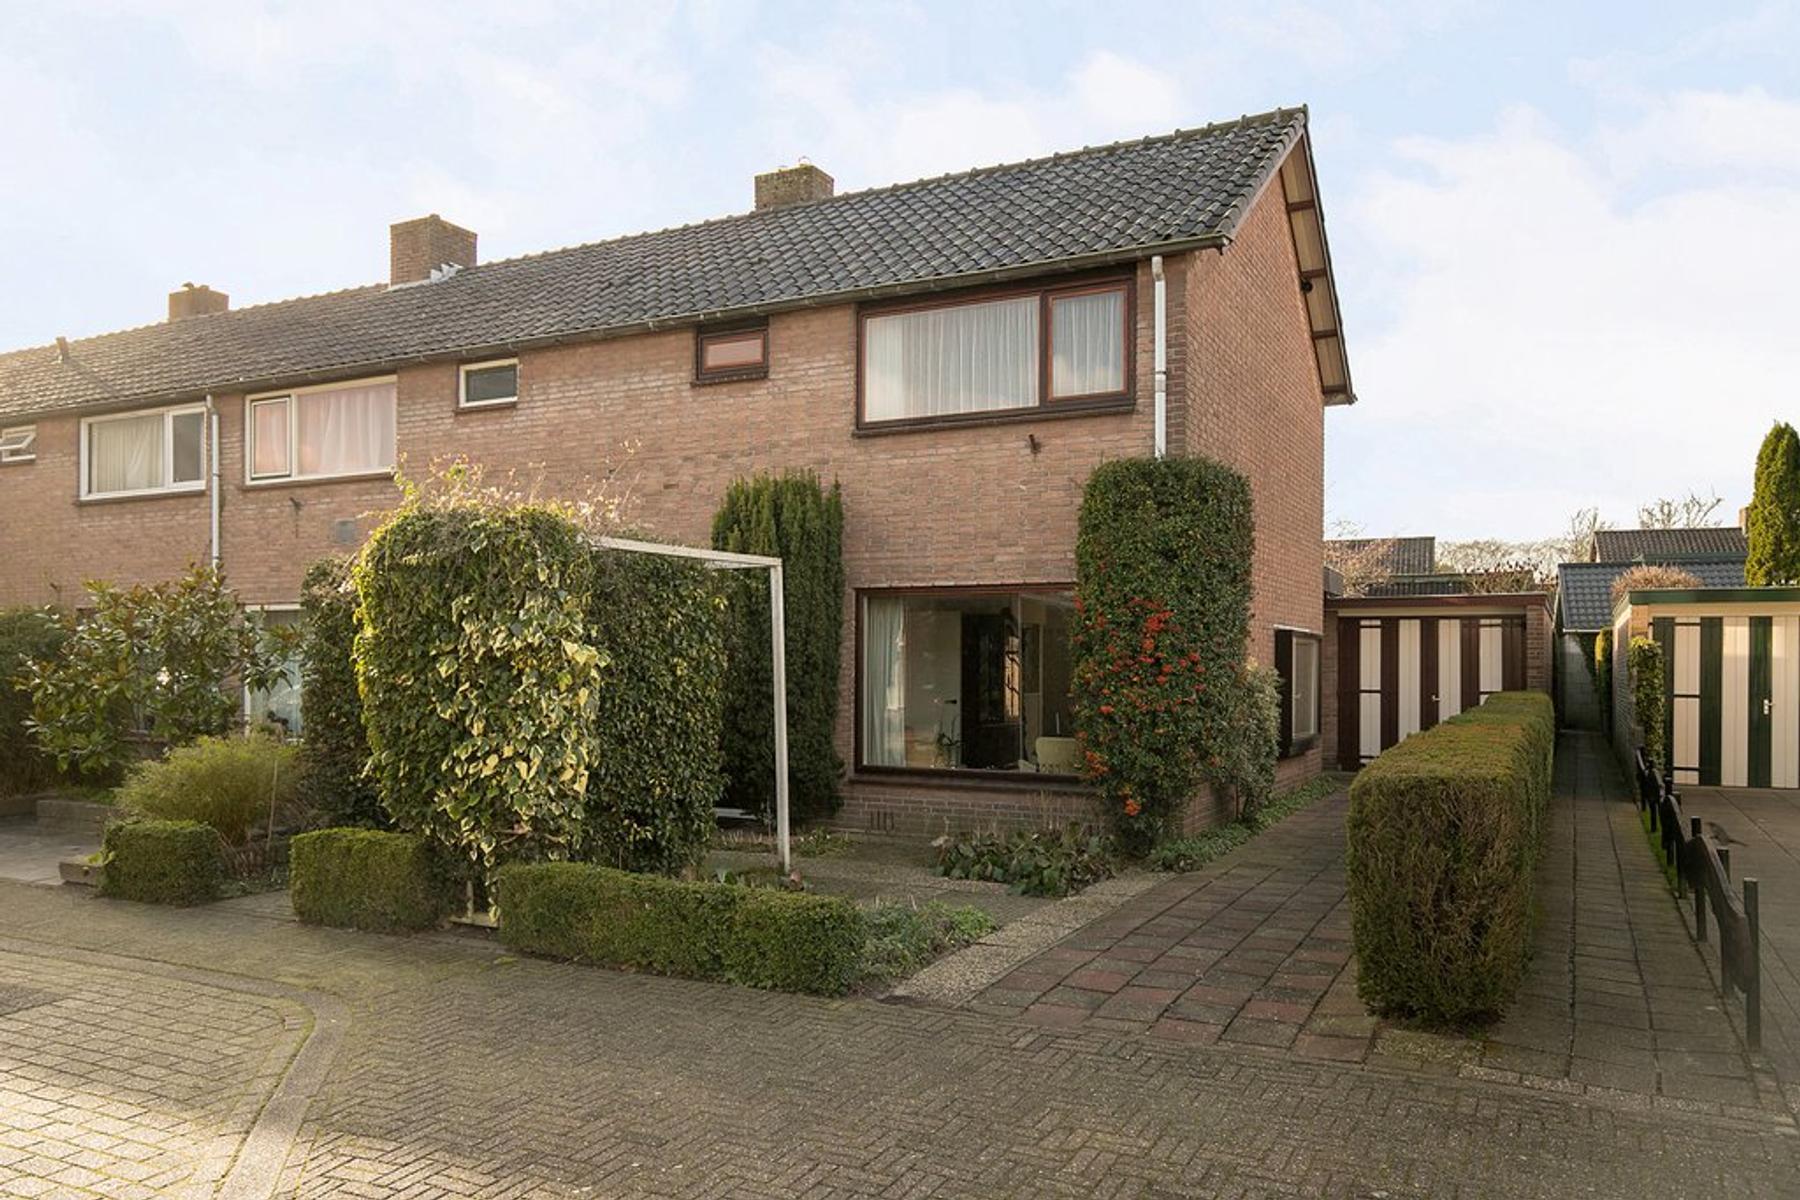 Schotkampseweg 19 in Heerde 8181 XS